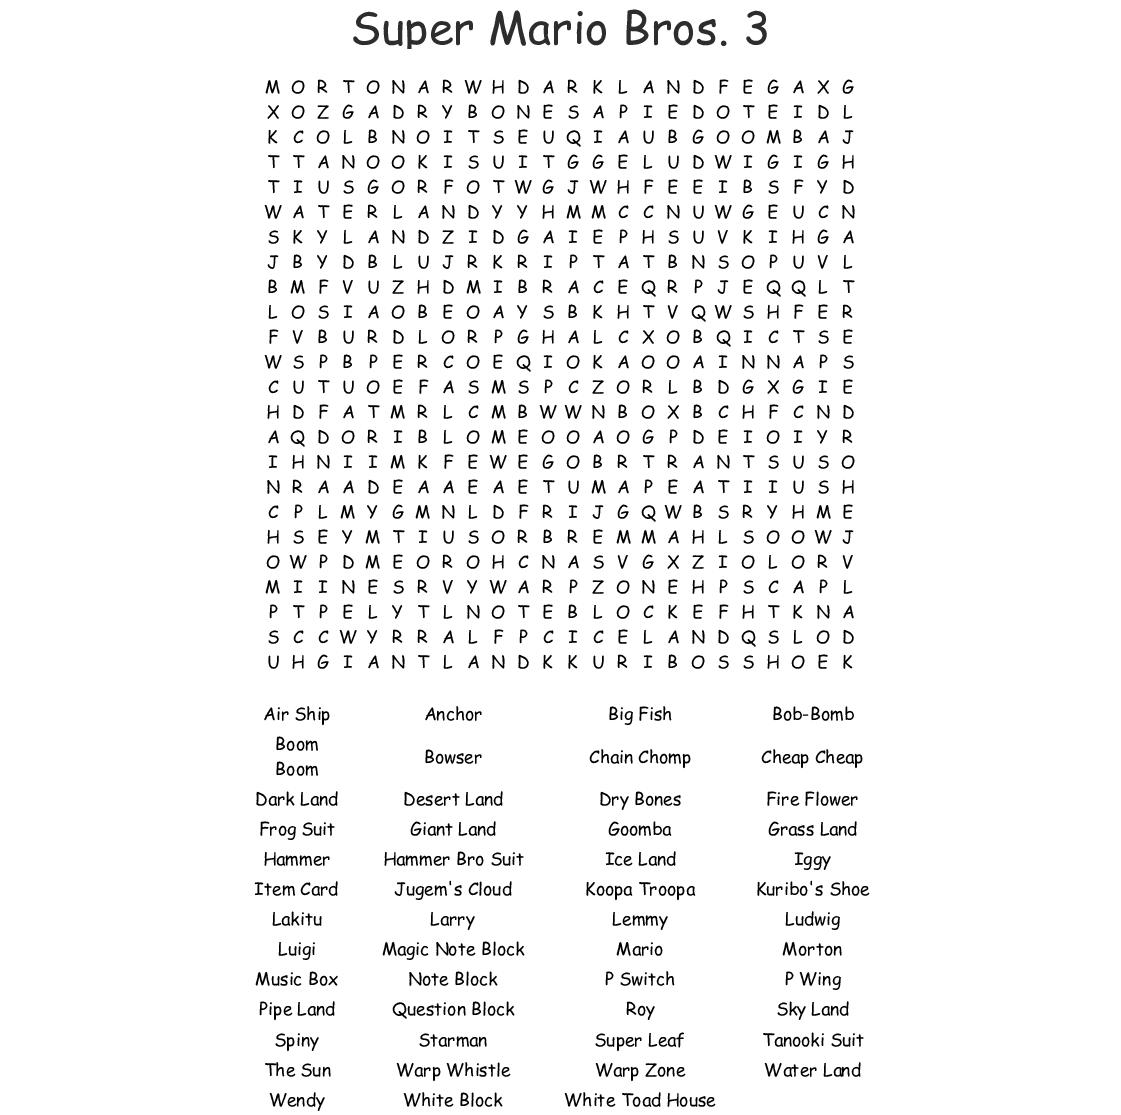 Super Mario Bros. 3 Word Search - Wordmint